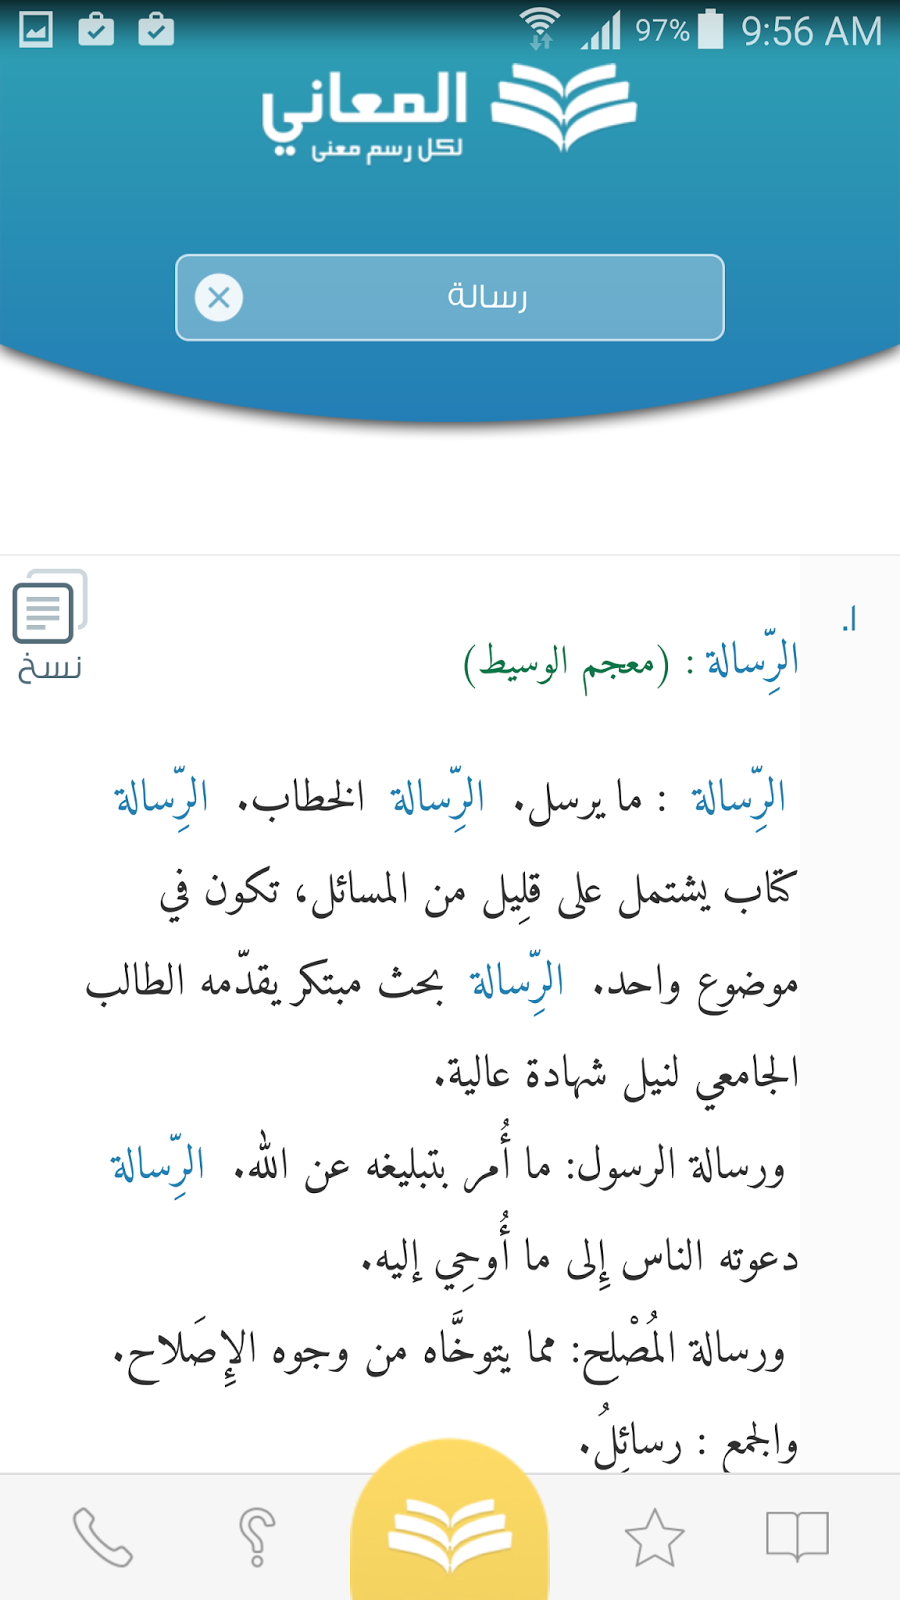 تطبيق المعاني قاموس بدون انترنت للترجمة من الانجليزية الى العربية والعديد من اللغات | بحرية درويد